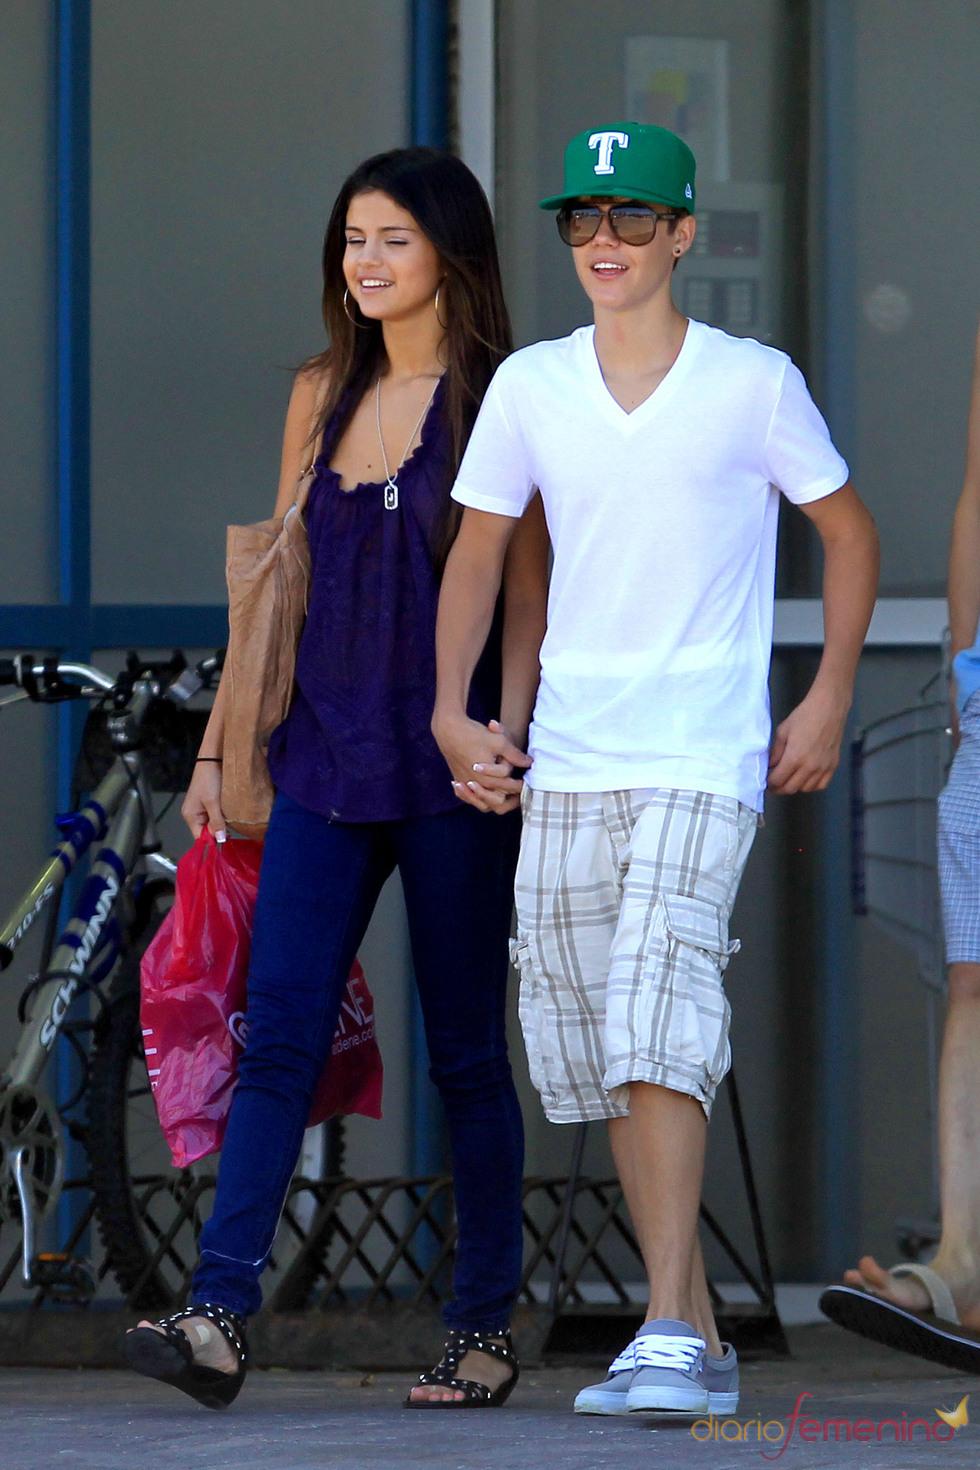 Justin Bieber y Selena Gomez pasean por las calles de Toronto